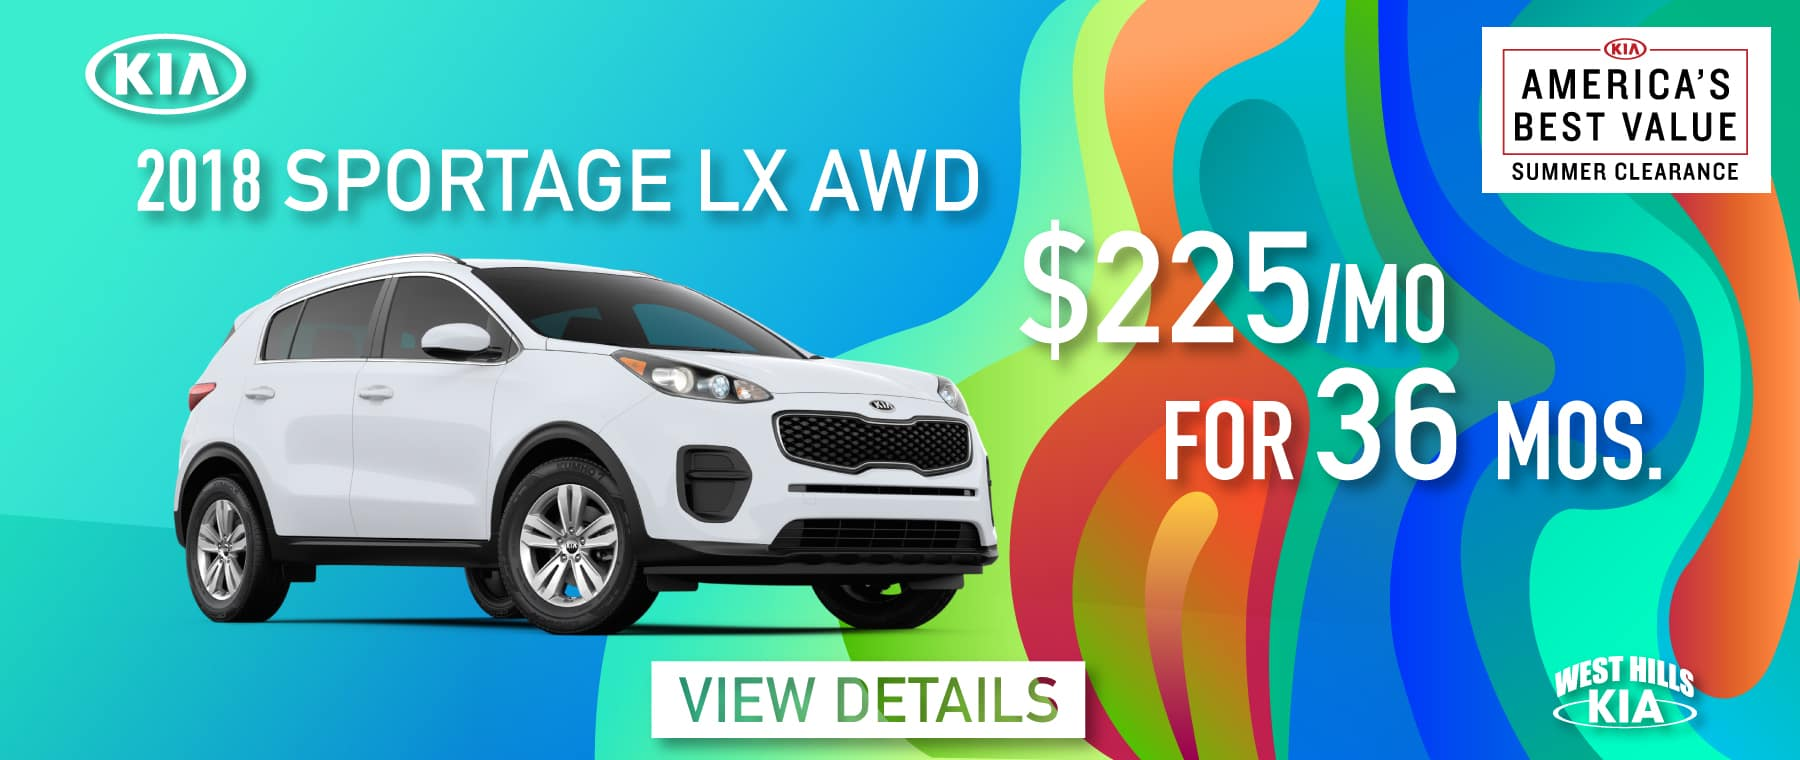 2018 Kia Sportage LX AWD Lease Special $225/mo. For 36 mos. *